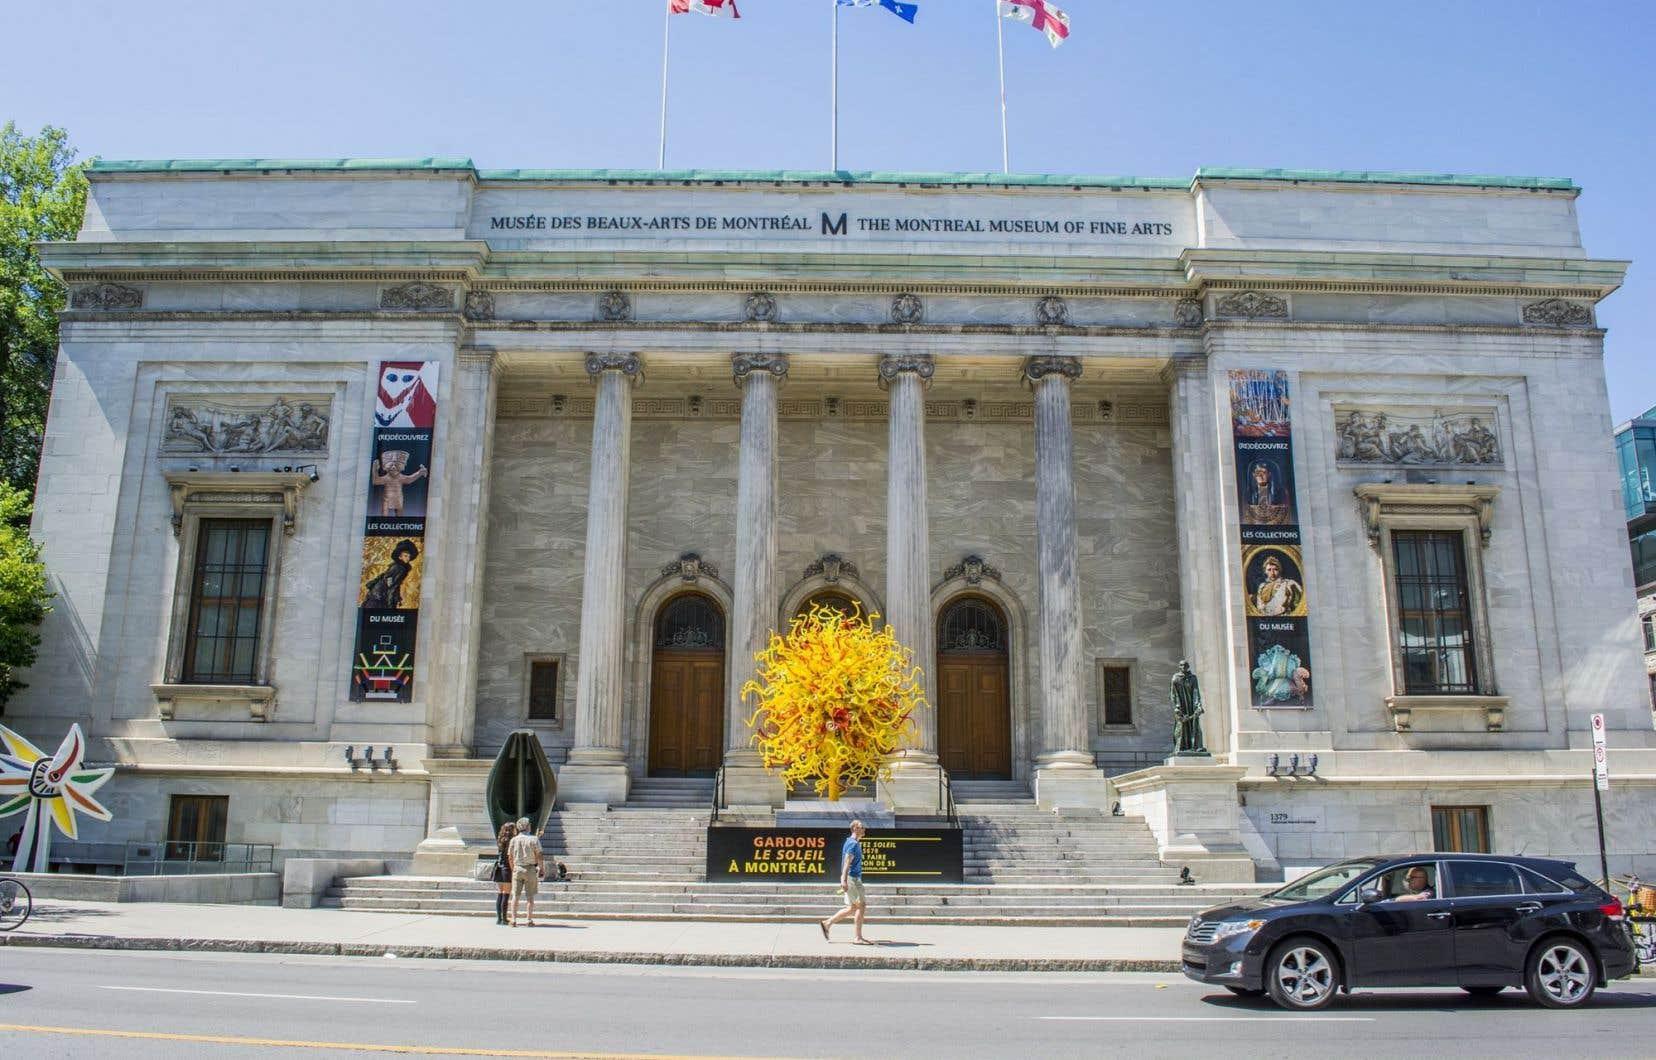 700 jeunes gens d'affaires ont convergé jeudi soir au Musée des beaux-arts de Montréal pour lancer une campagne toute spéciale.